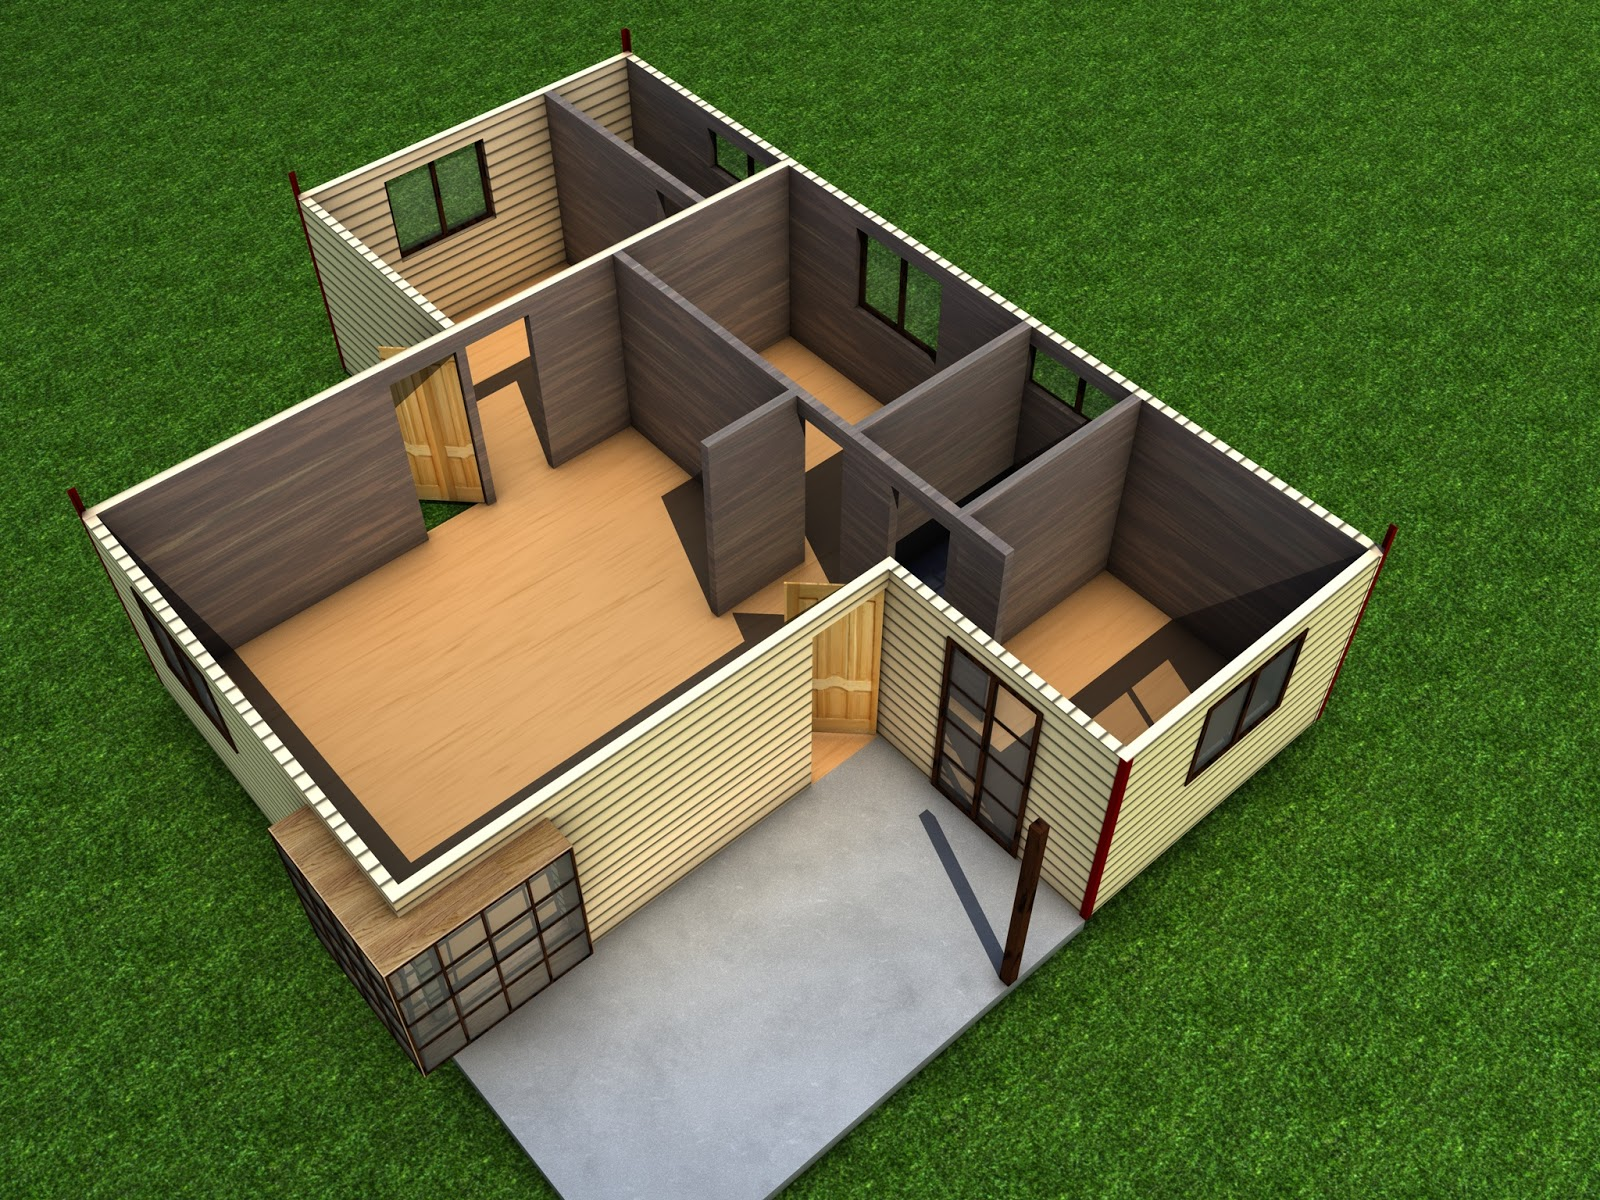 Casa prefabricada 60m2 casas y planos for Disenos y planos de casas prefabricadas